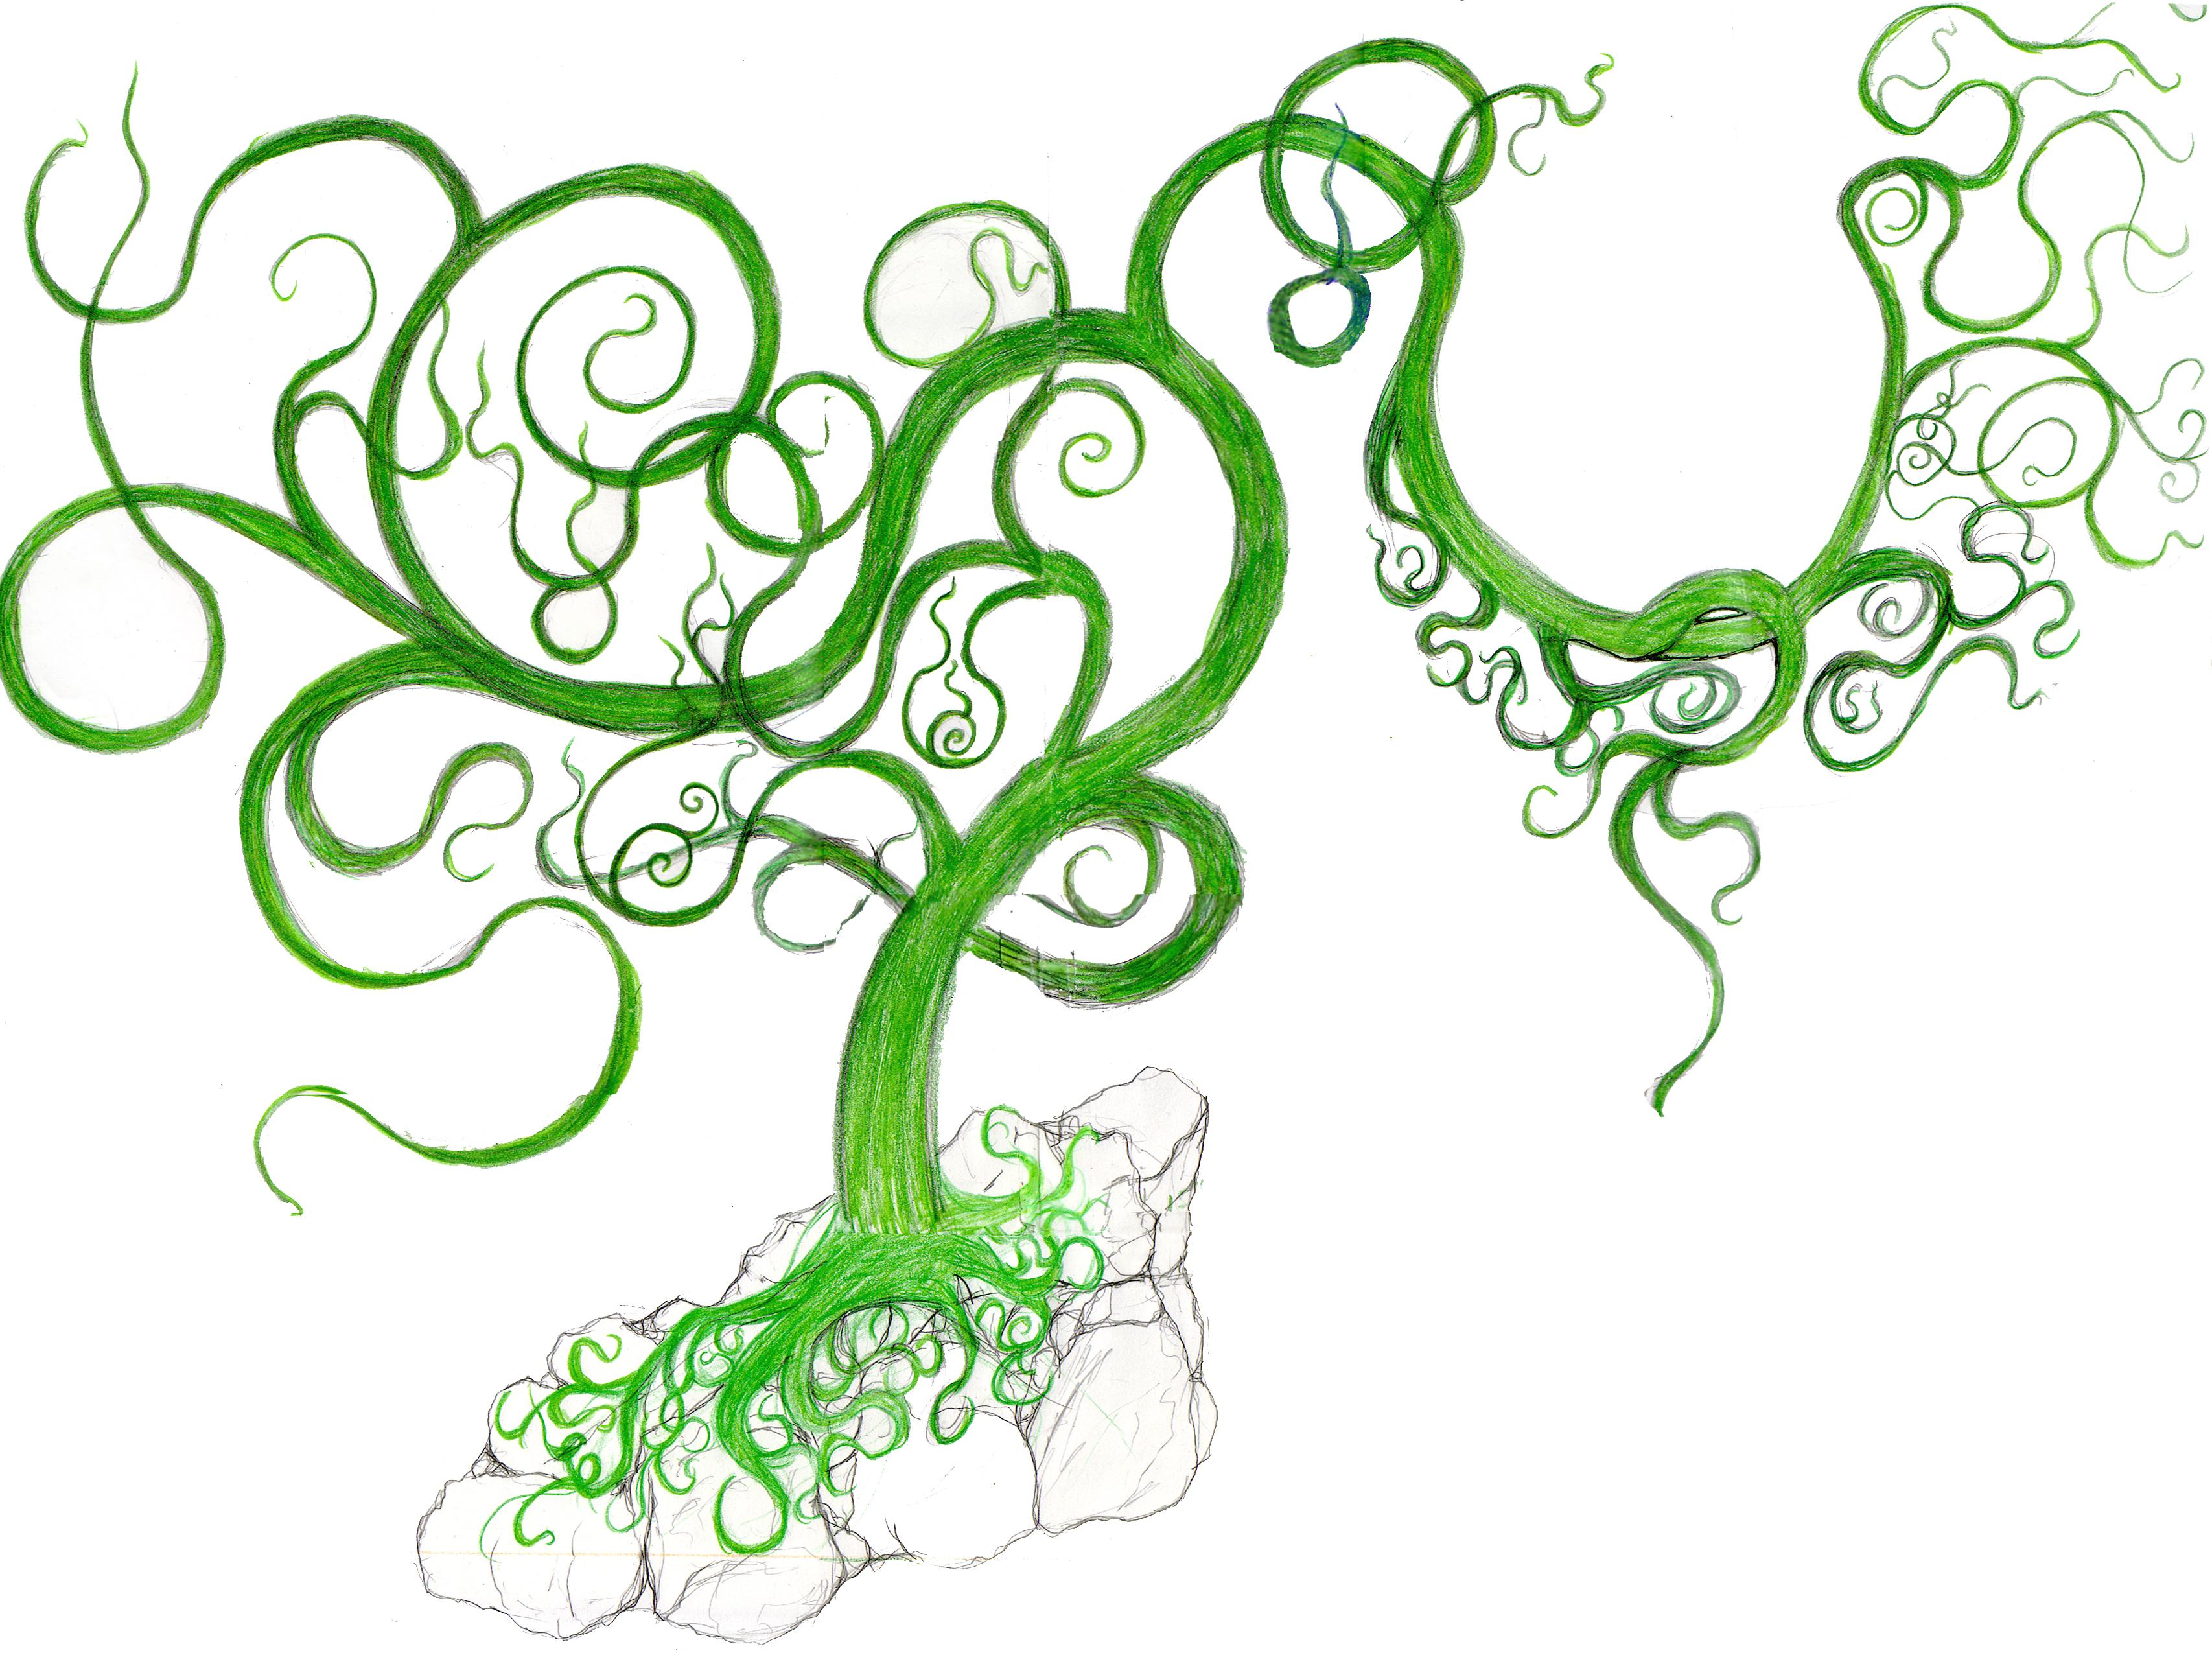 Flower Vine Tattoo Stencil Designs free image